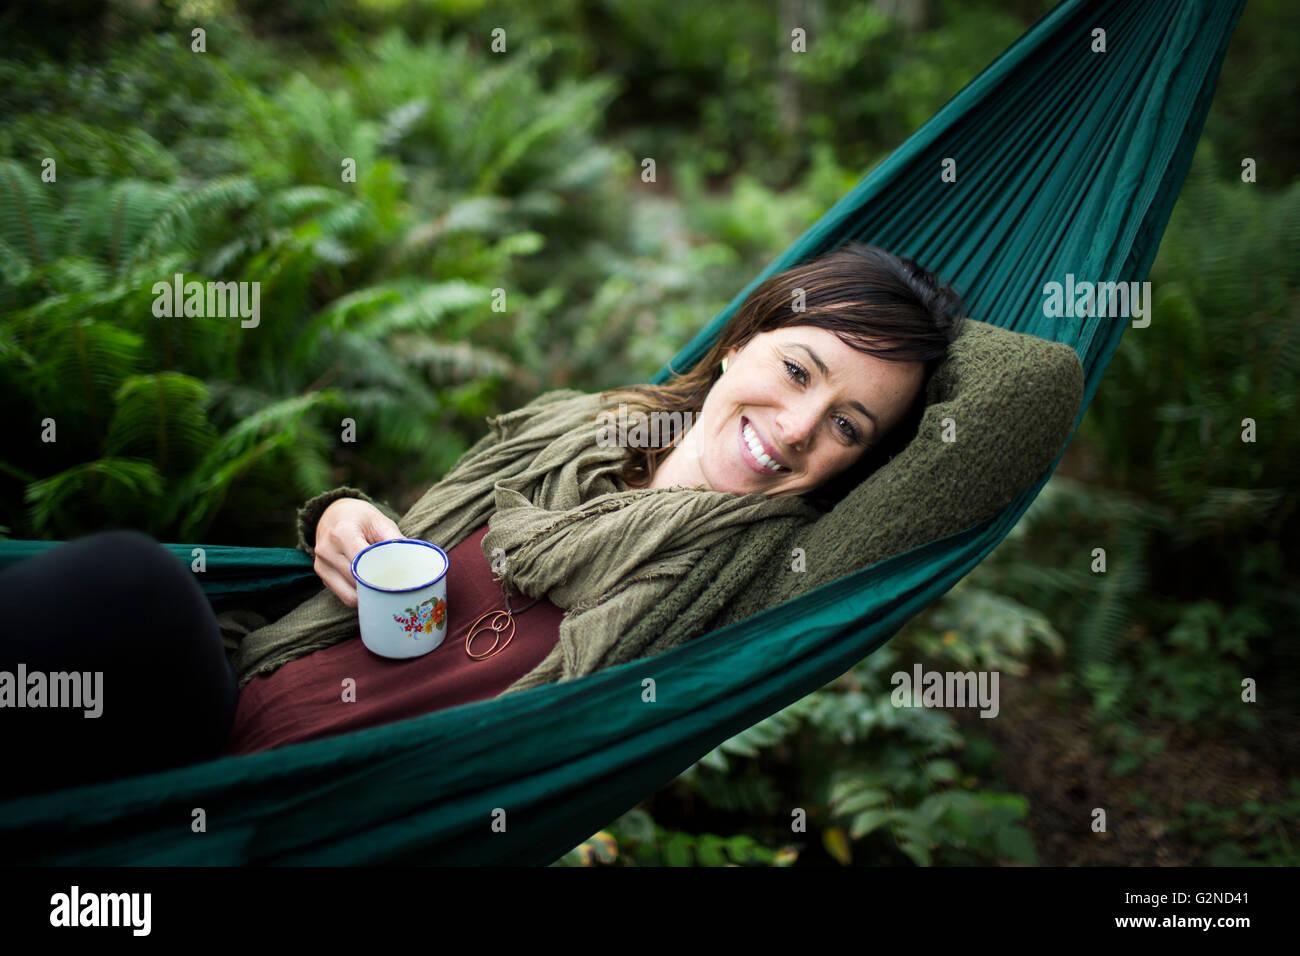 Hängend in einem Regenwald Stockbild